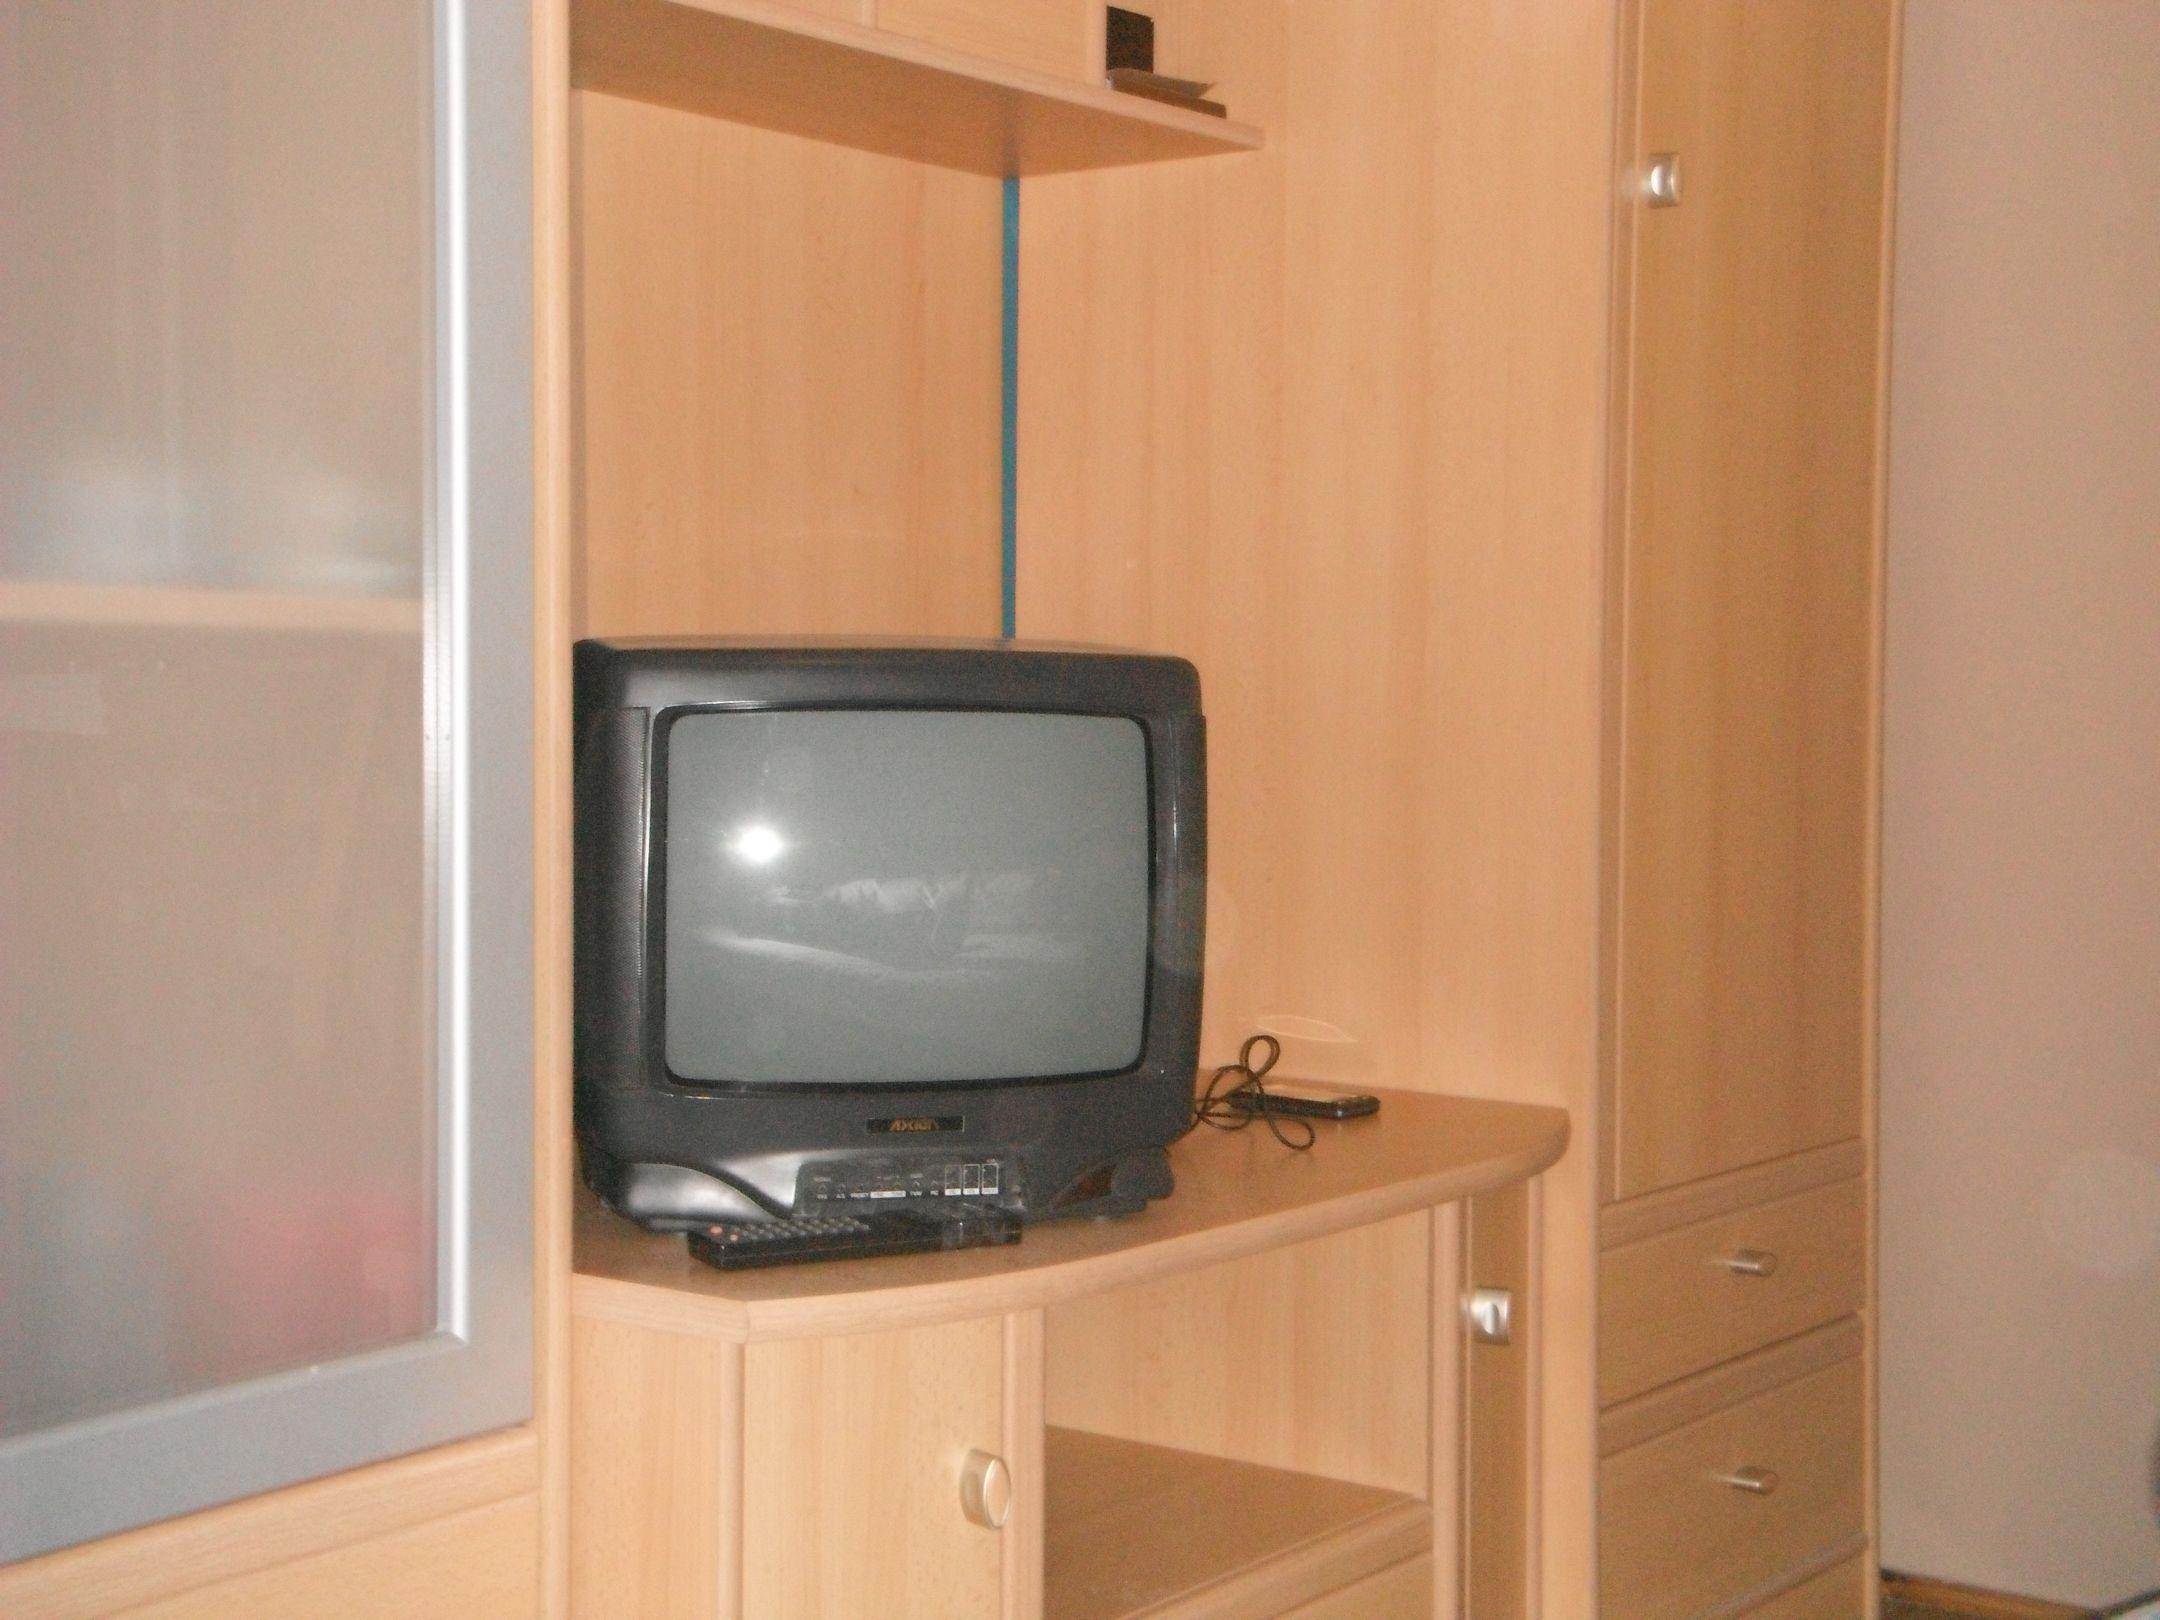 jaki telewizor kupi� do 2000 z�